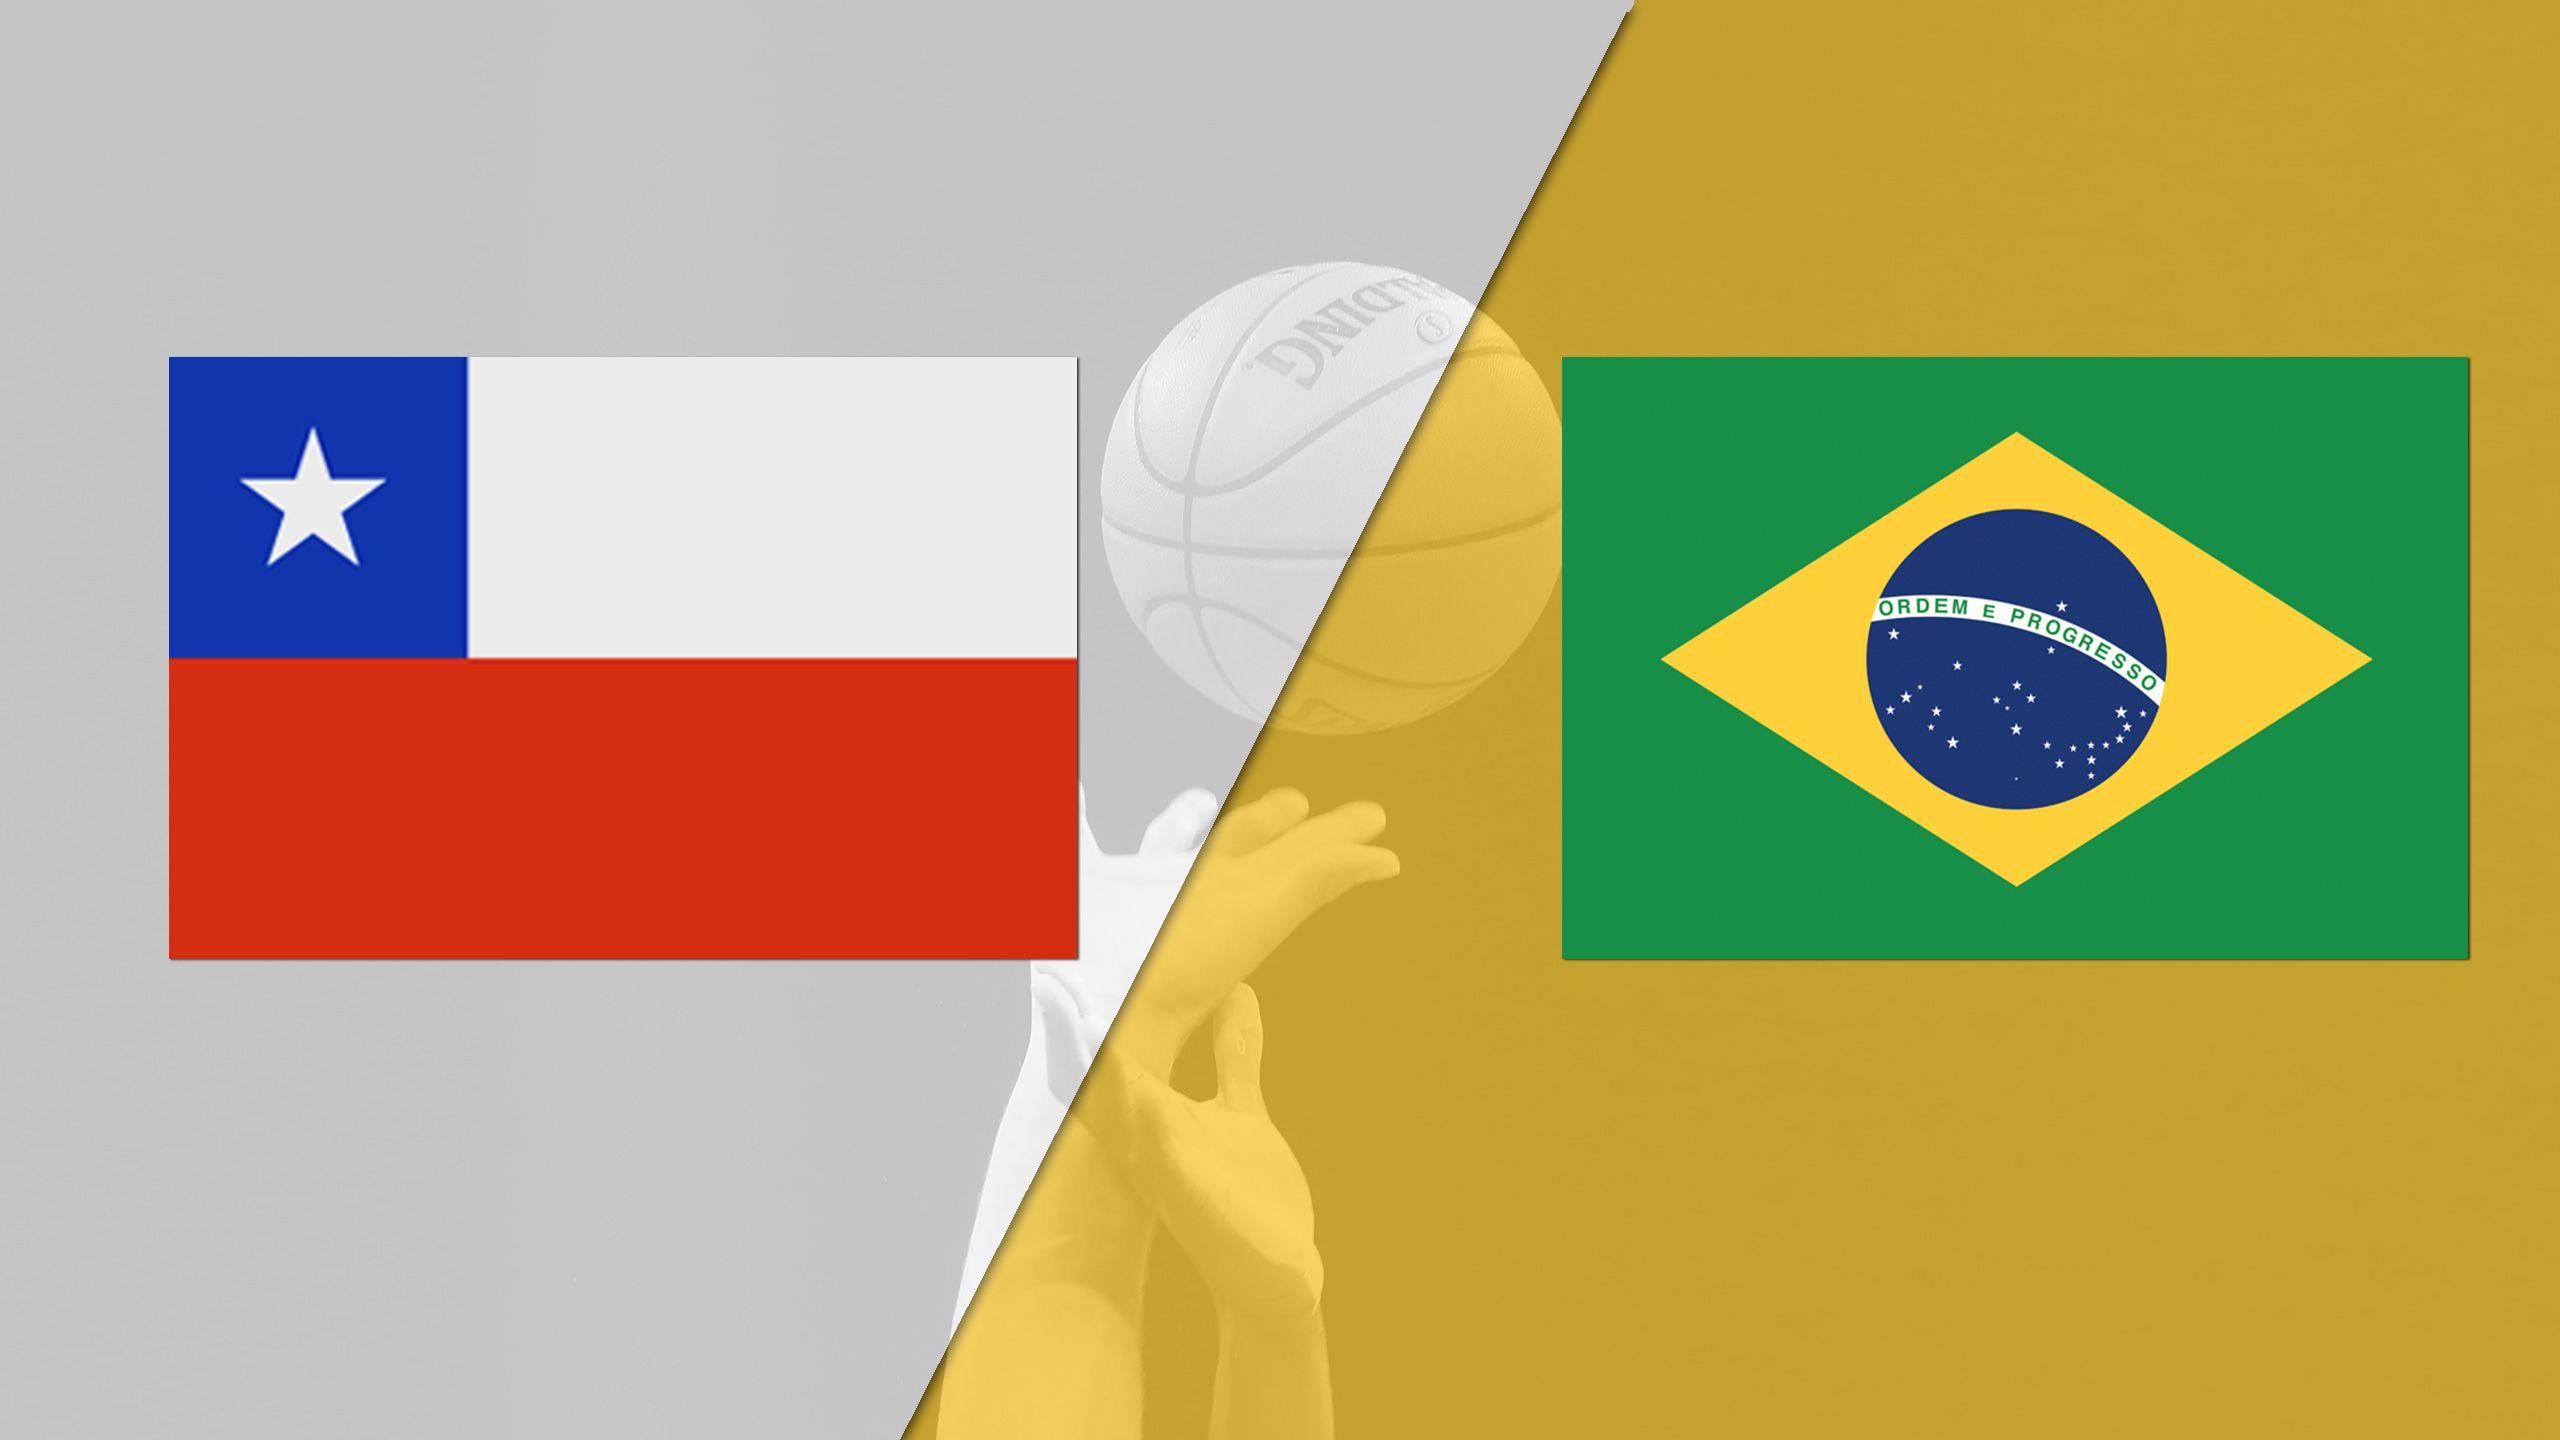 Chile vs. Brazil (FIBA World Cup 2019 Qualifier)